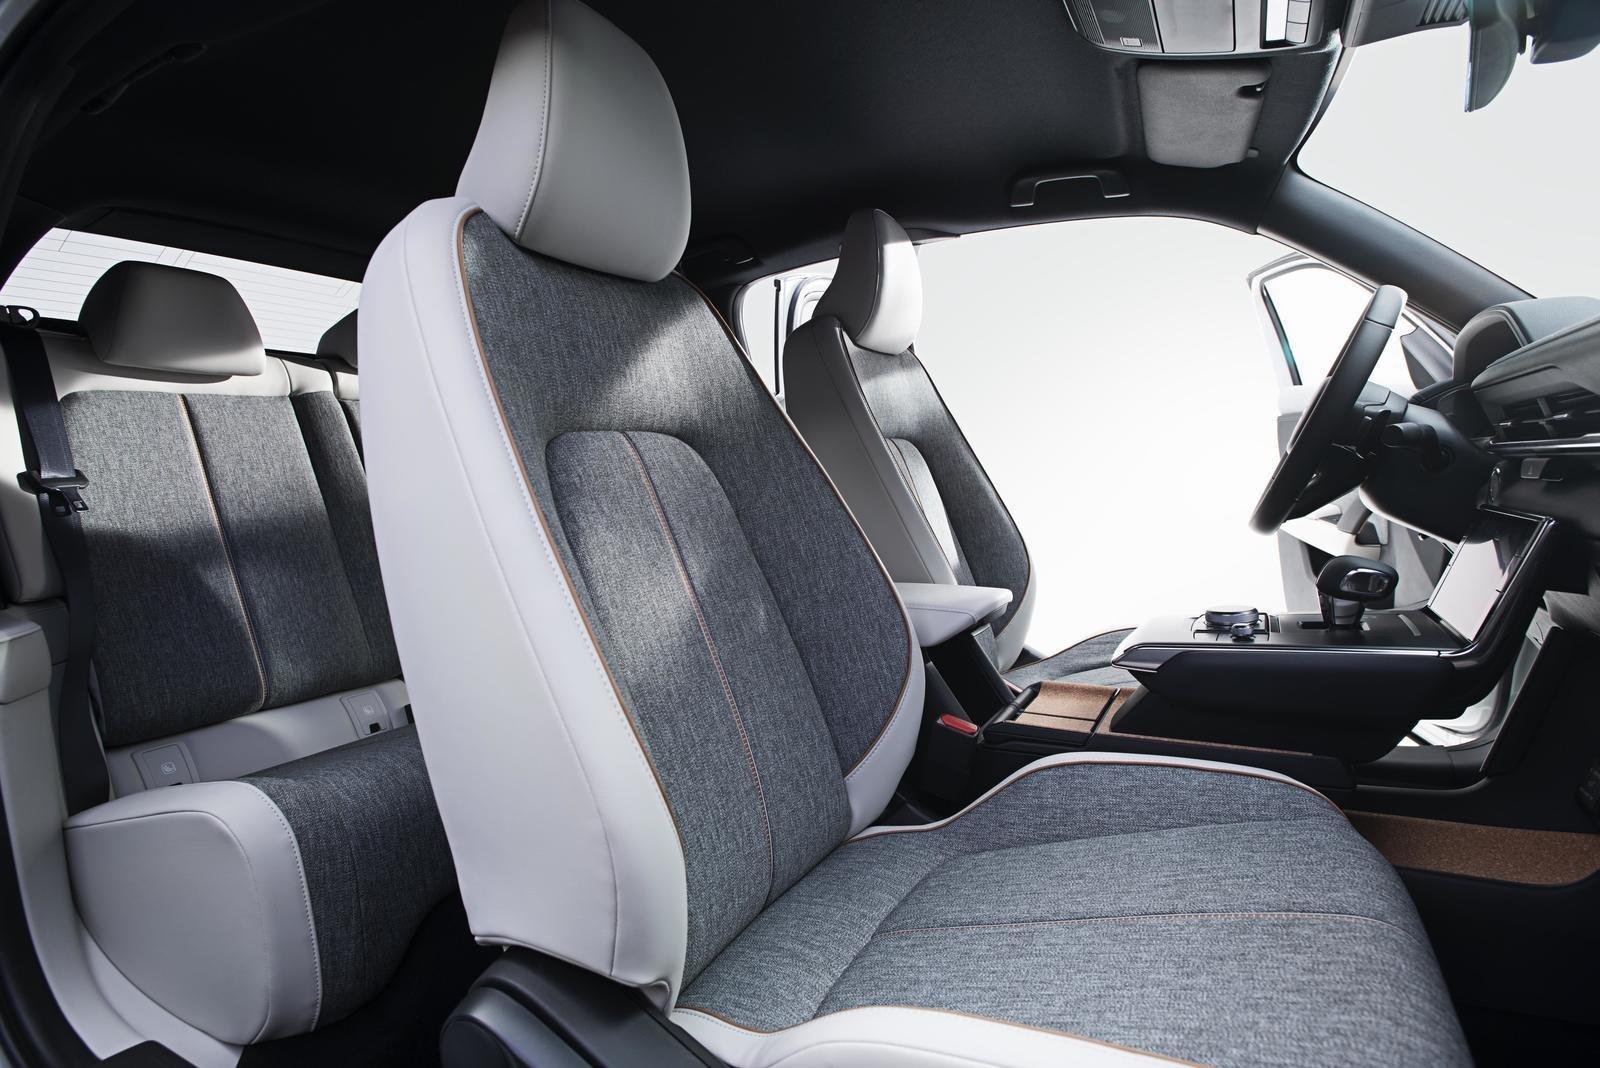 Đánh giá xe Mazda MX-30 2021 về ghế ngồi: ghế trước